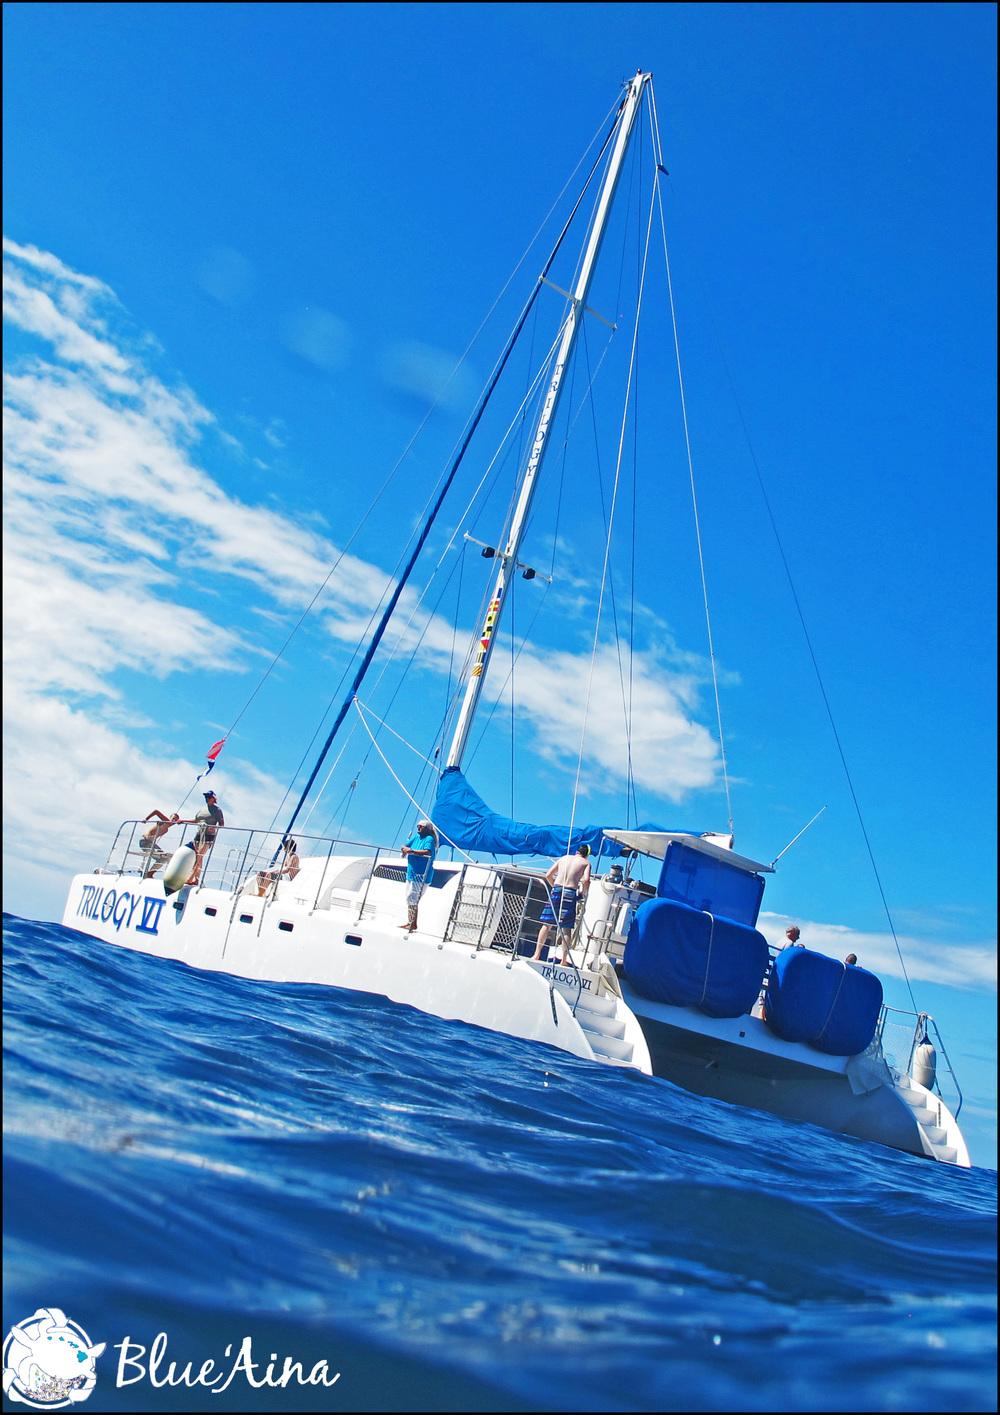 1-boat-watermark.jpg